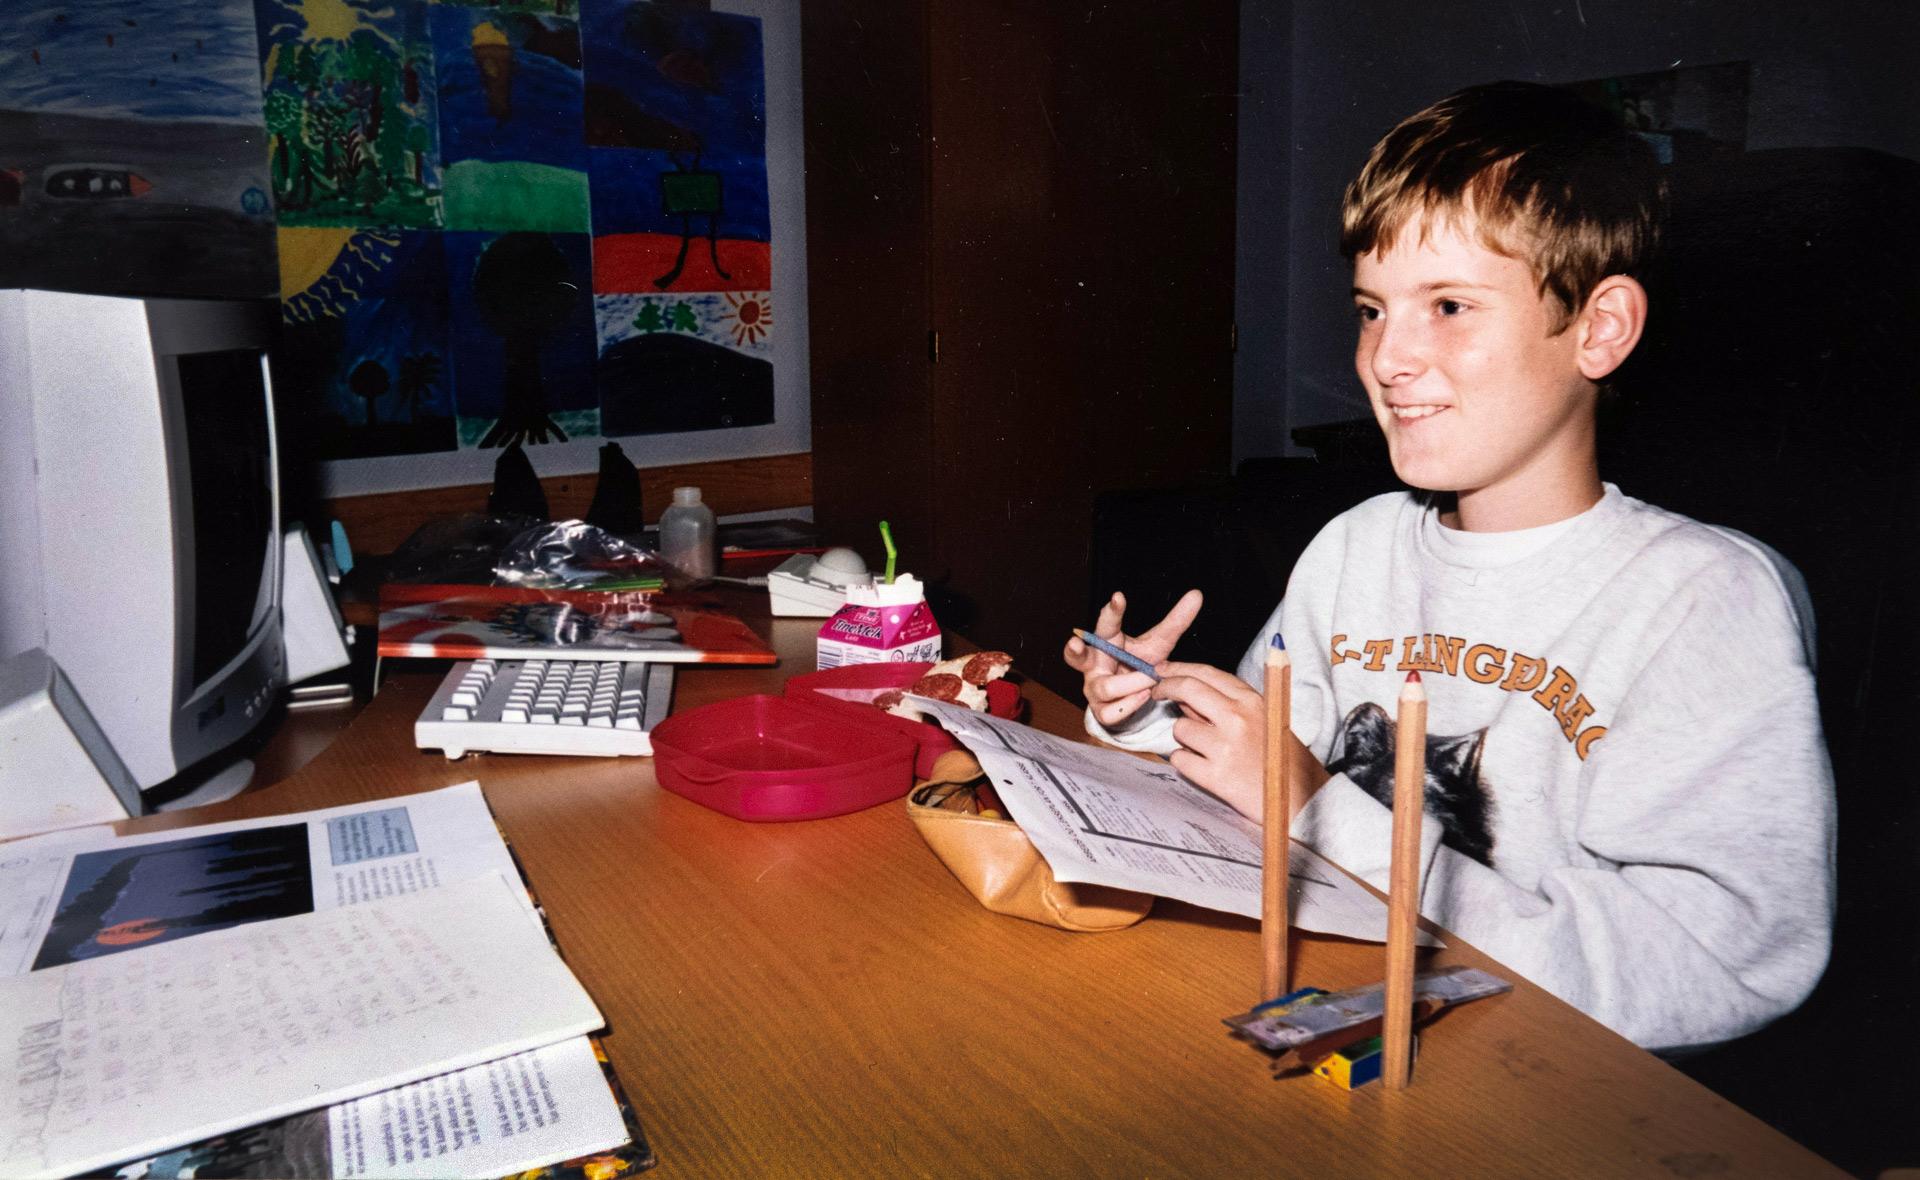 Mats Steen as a child